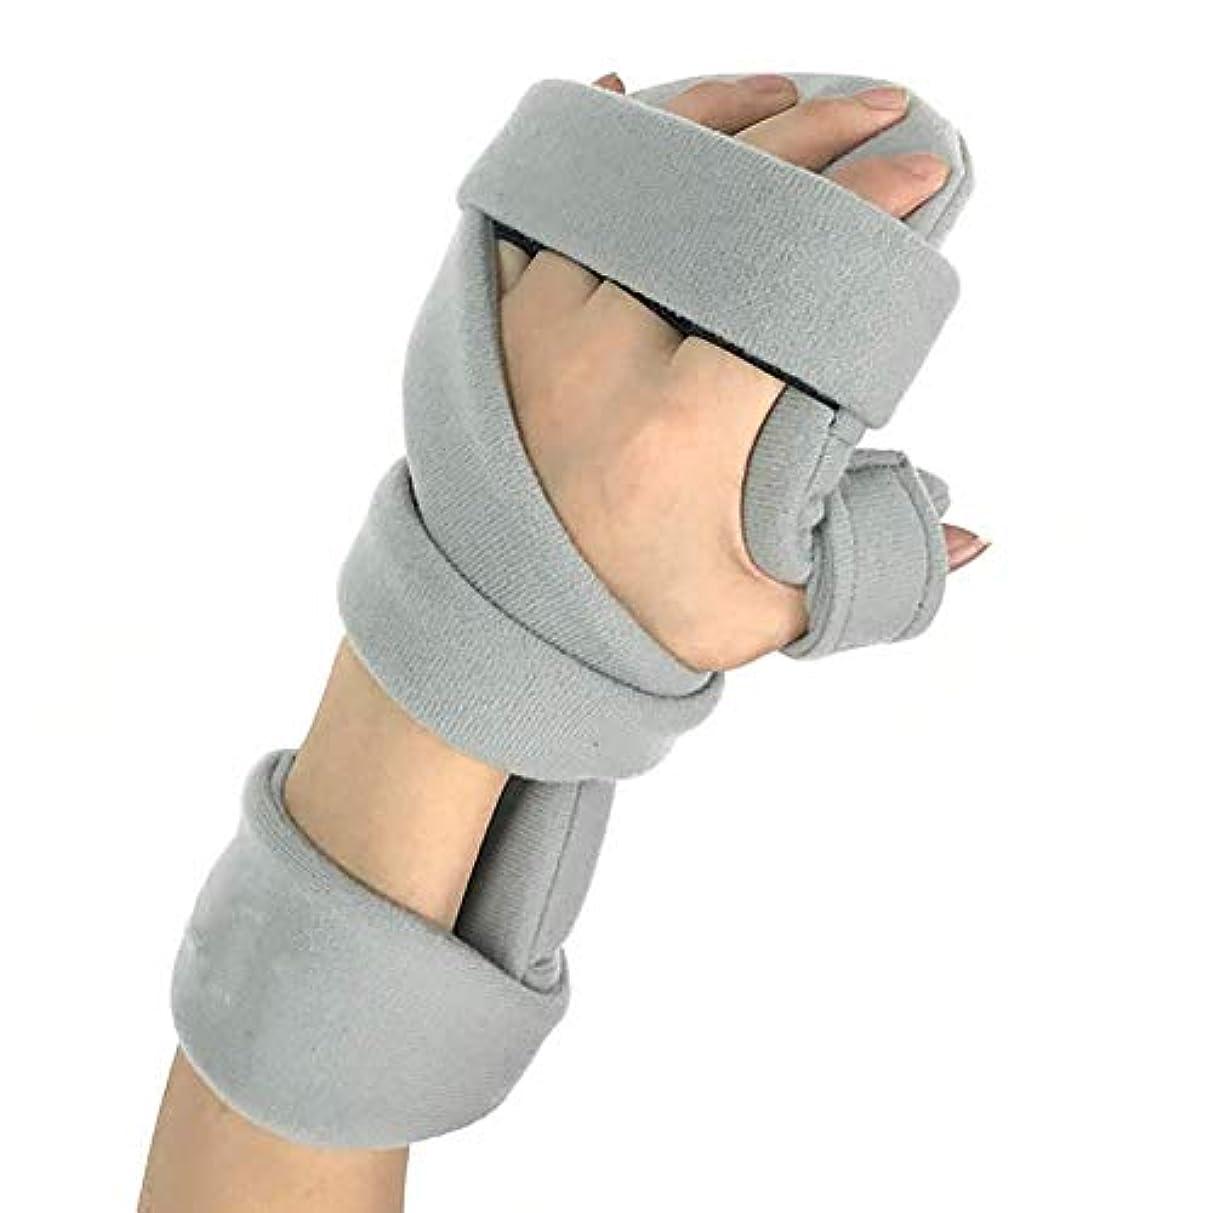 感謝するテキスト刺激するトリガー指副木、関節炎の手指副木用指トレーニングボード、手首の親指サポート手,RightHand